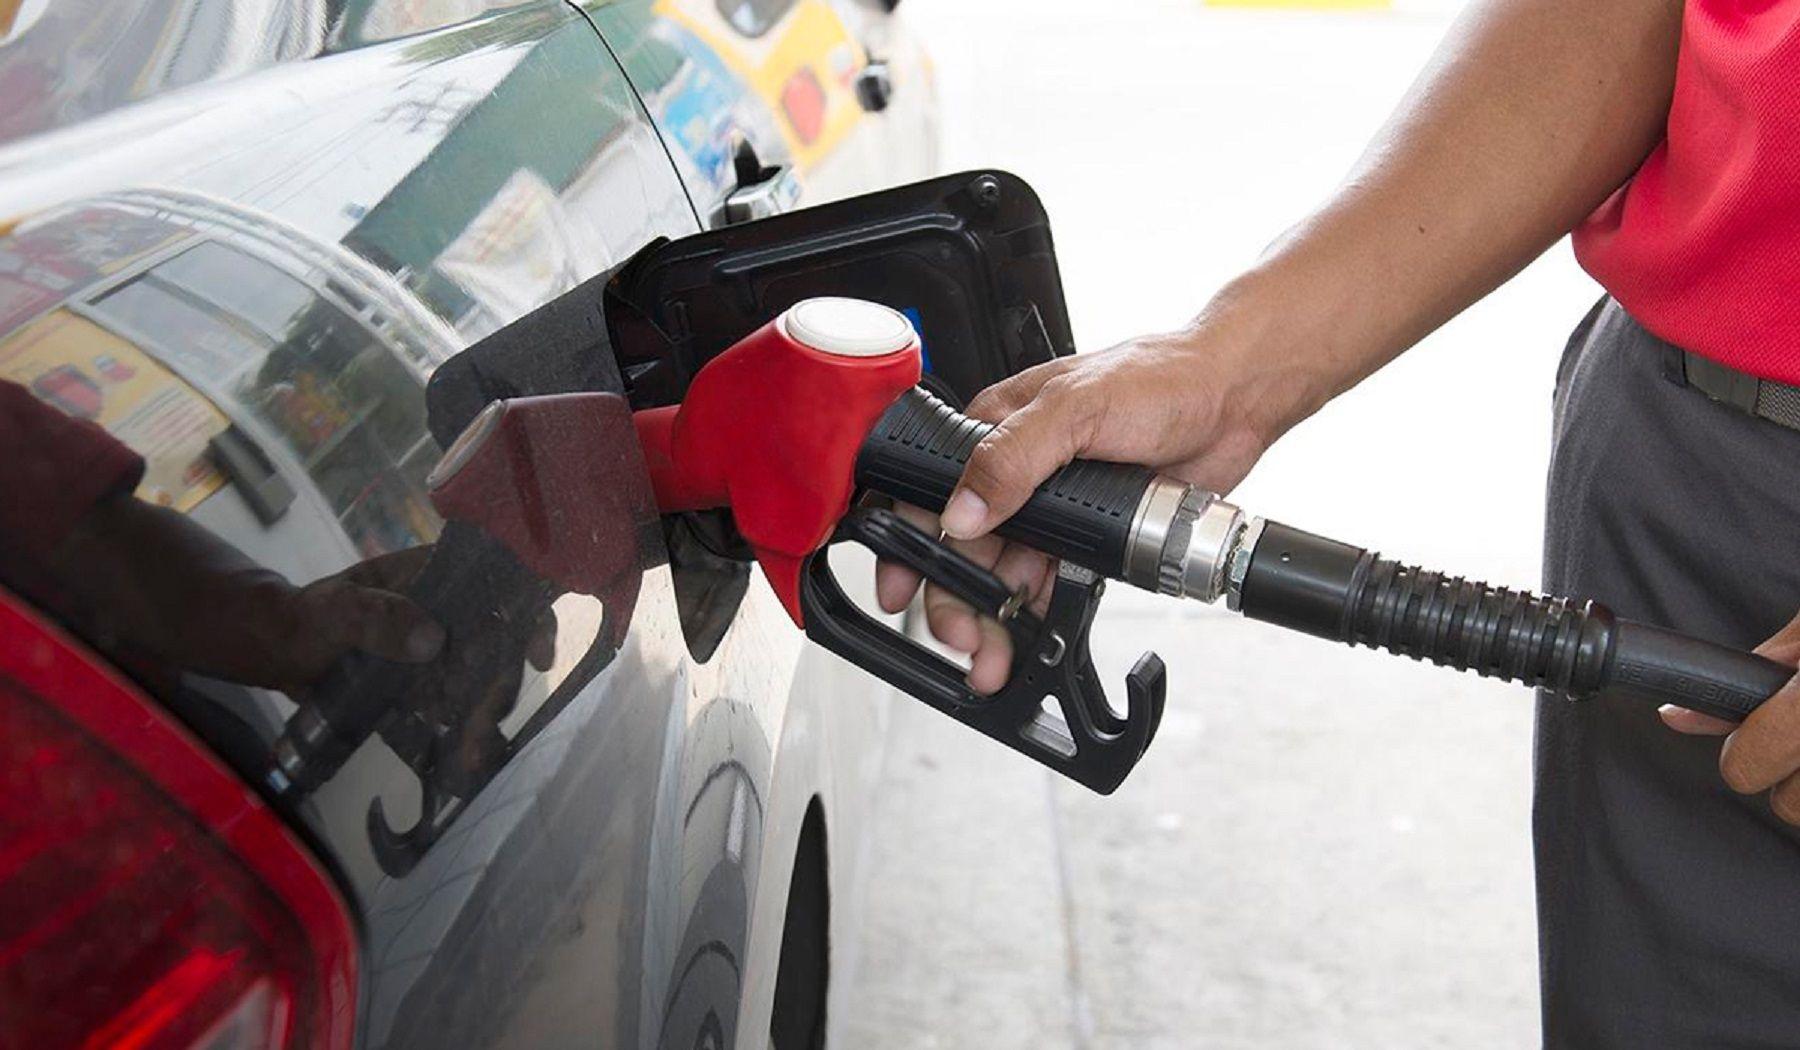 Termina el congelamiento en las naftas y este jueves aumentarían hasta un 6%